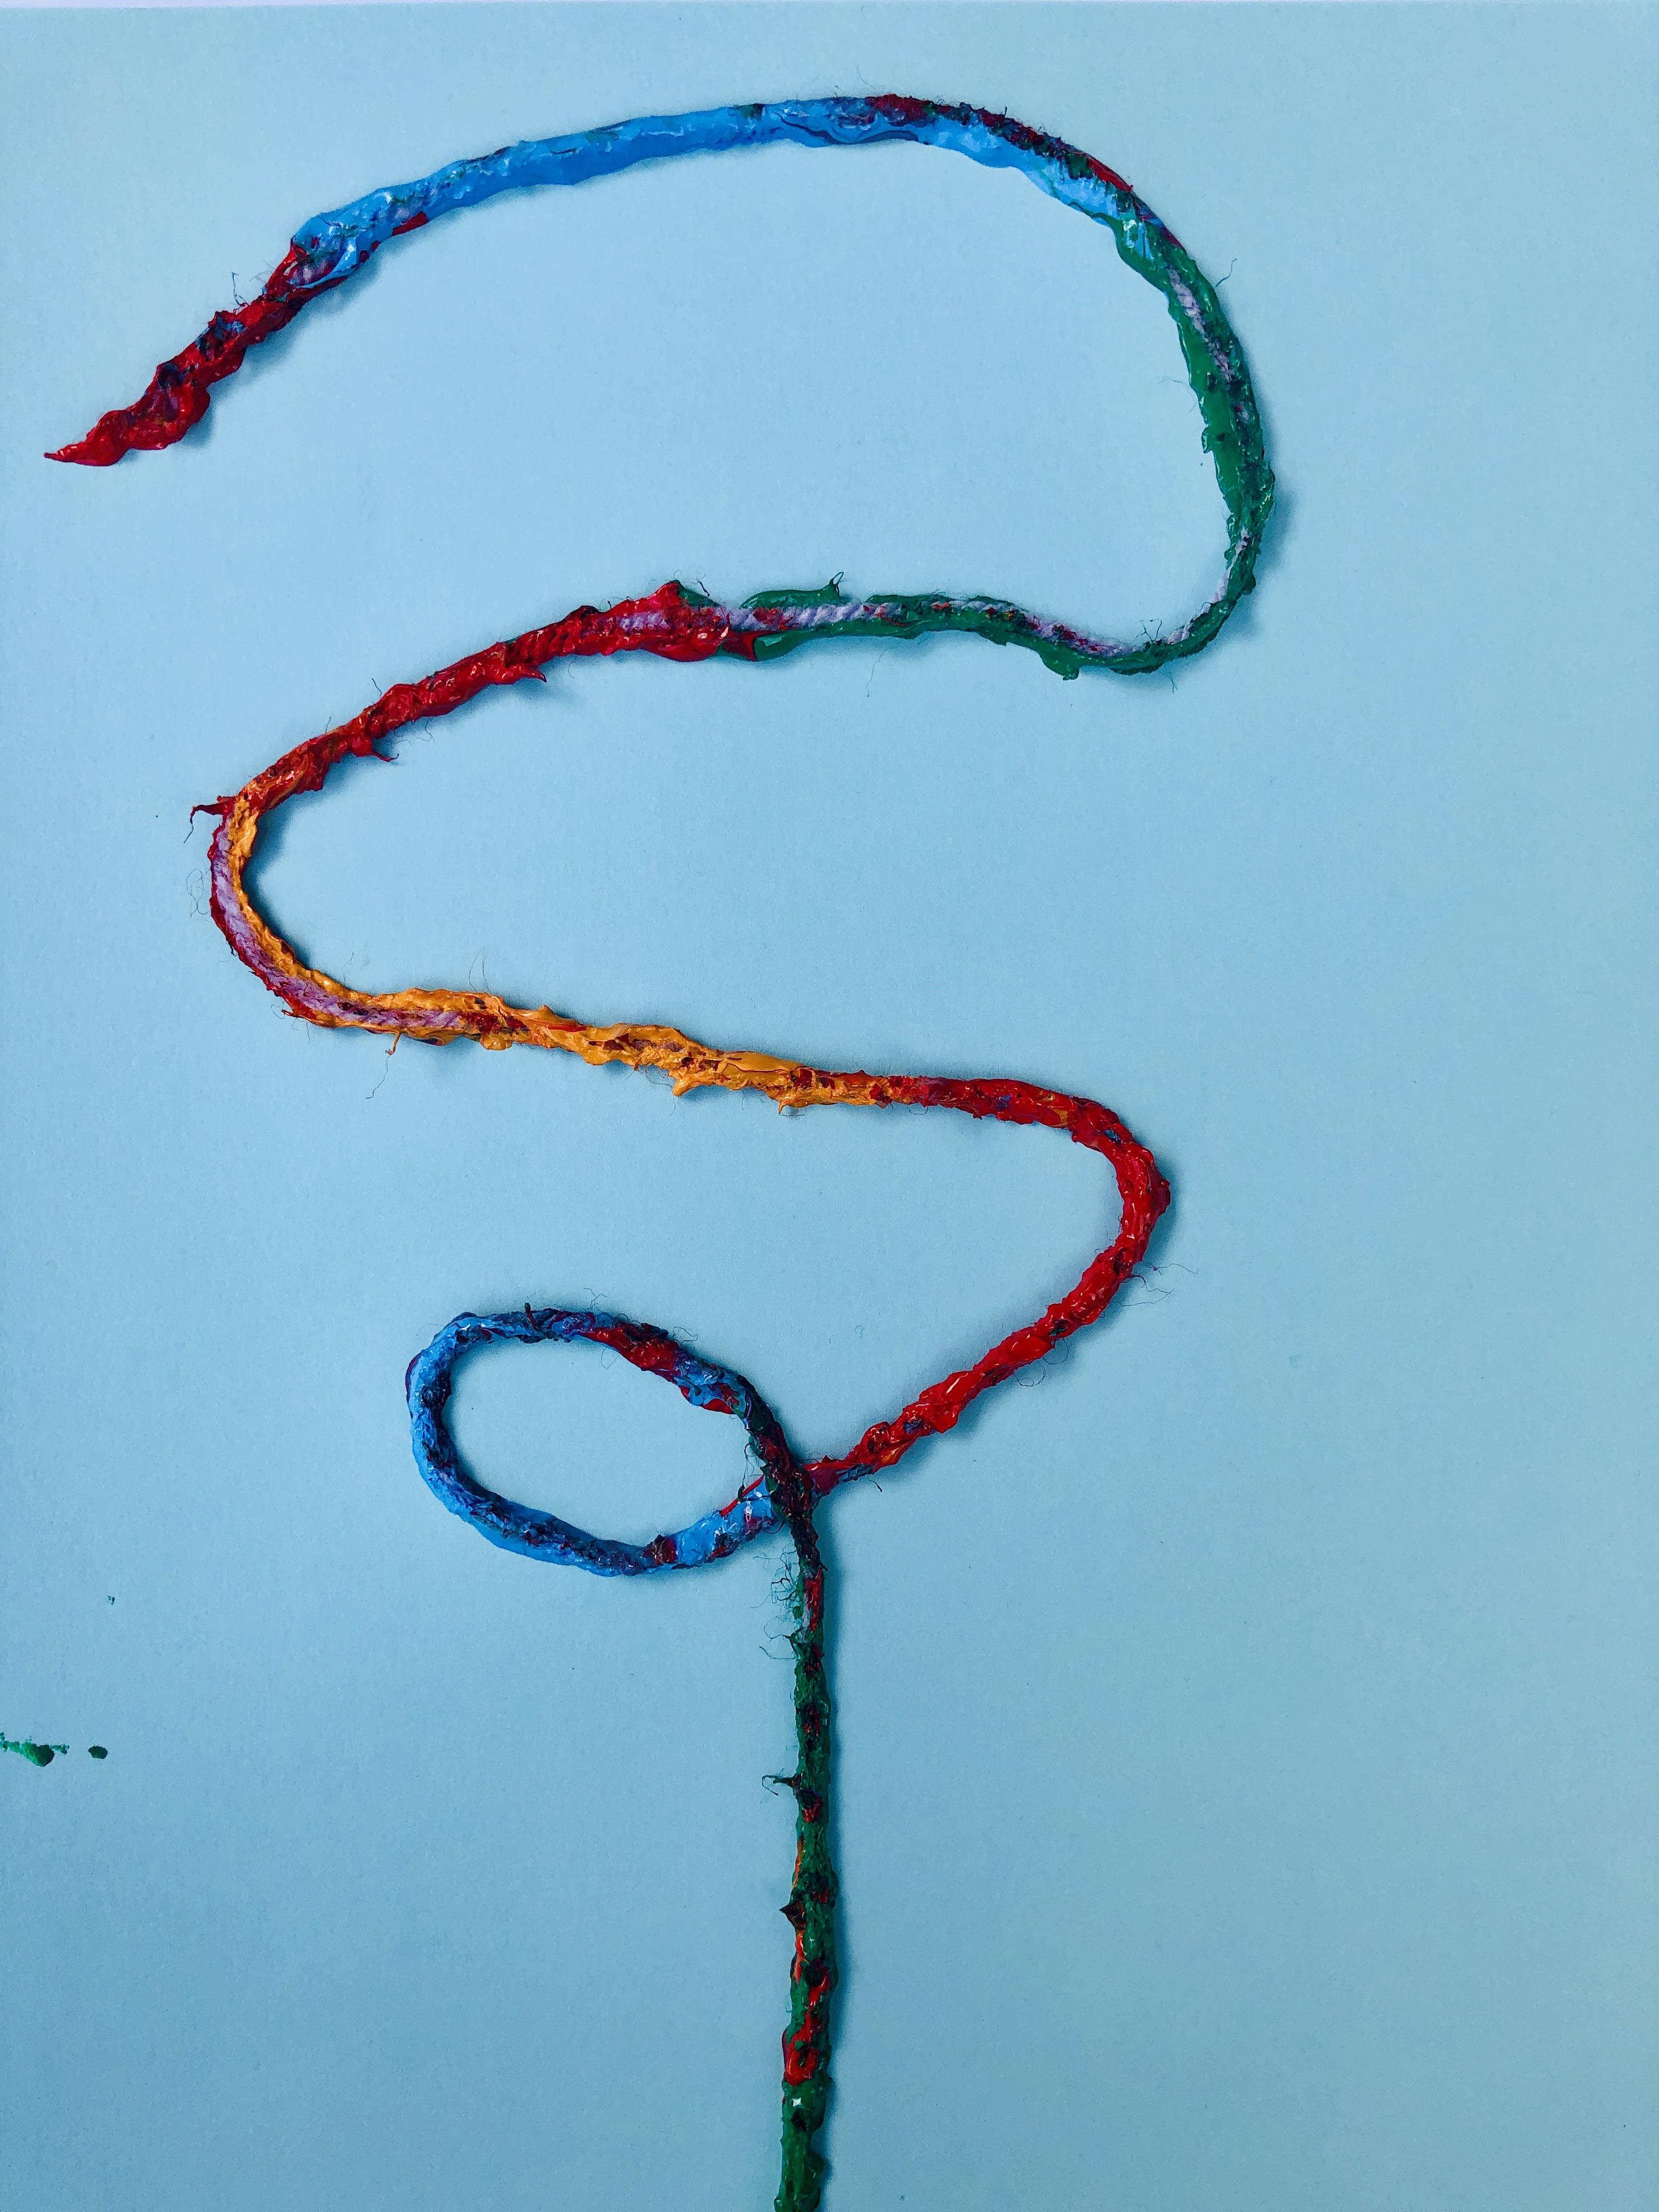 Arranging string for flower art